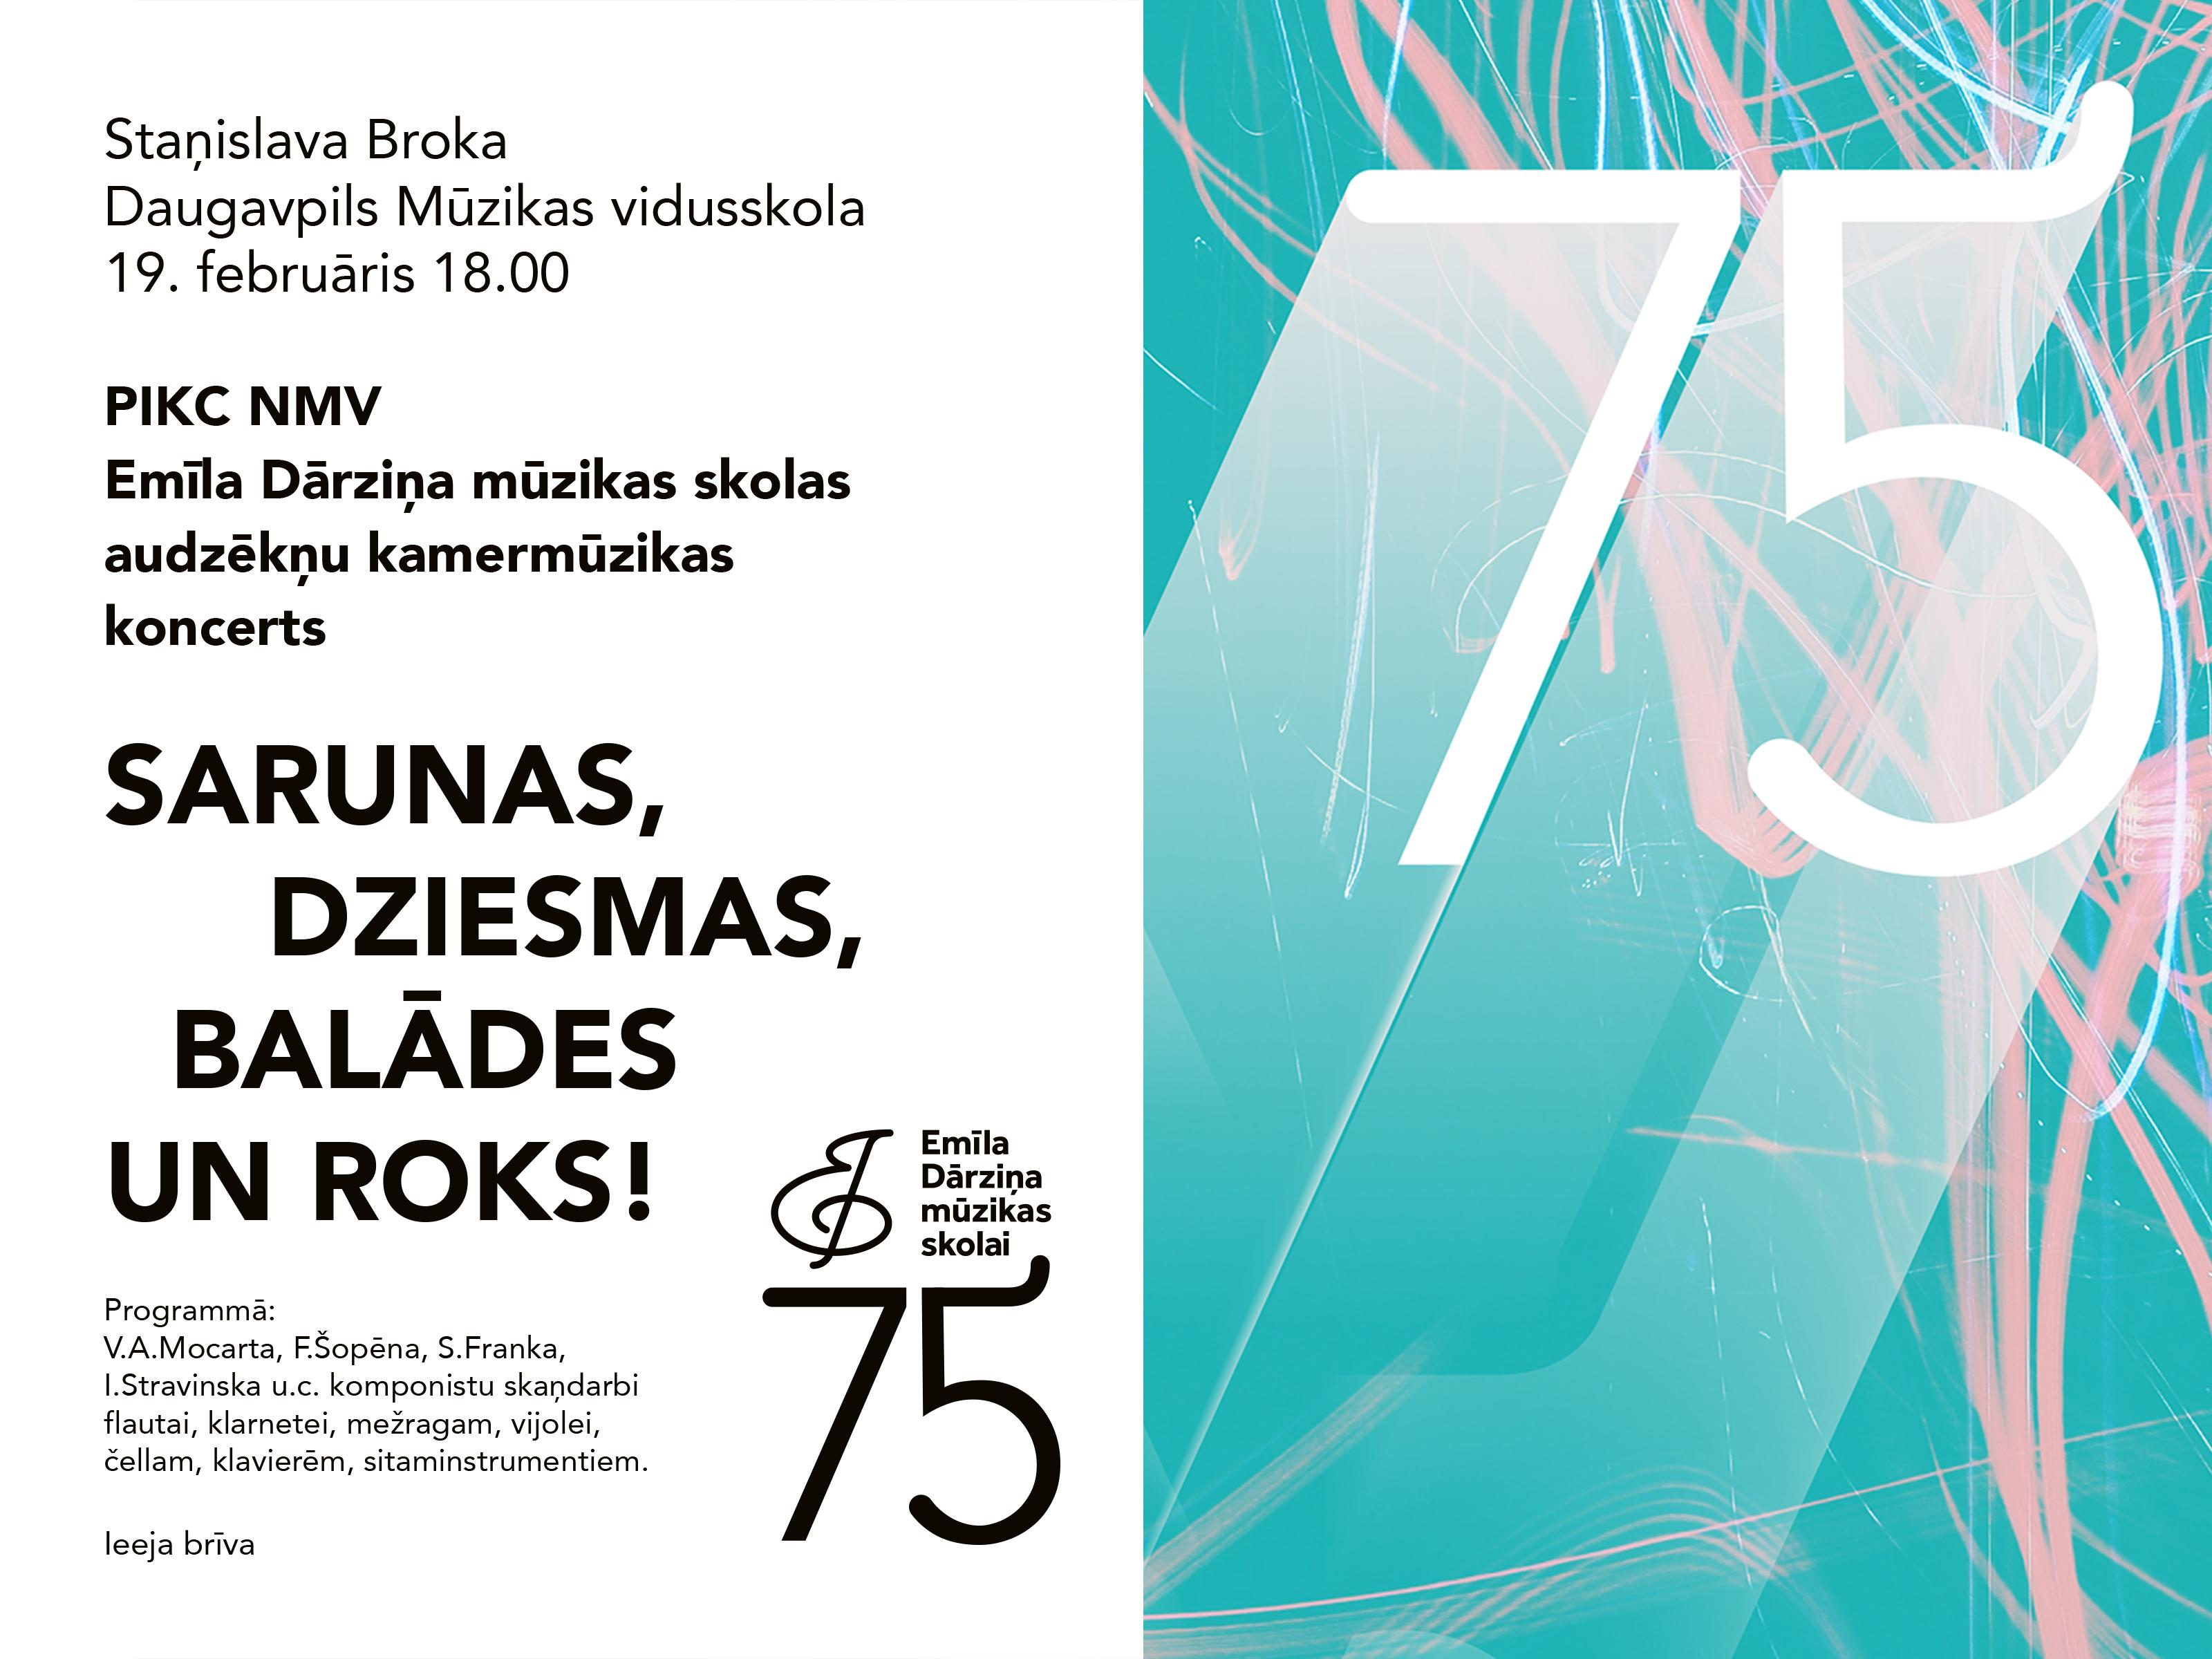 EDMS_75_sarunas_dziesmas_balades_roks